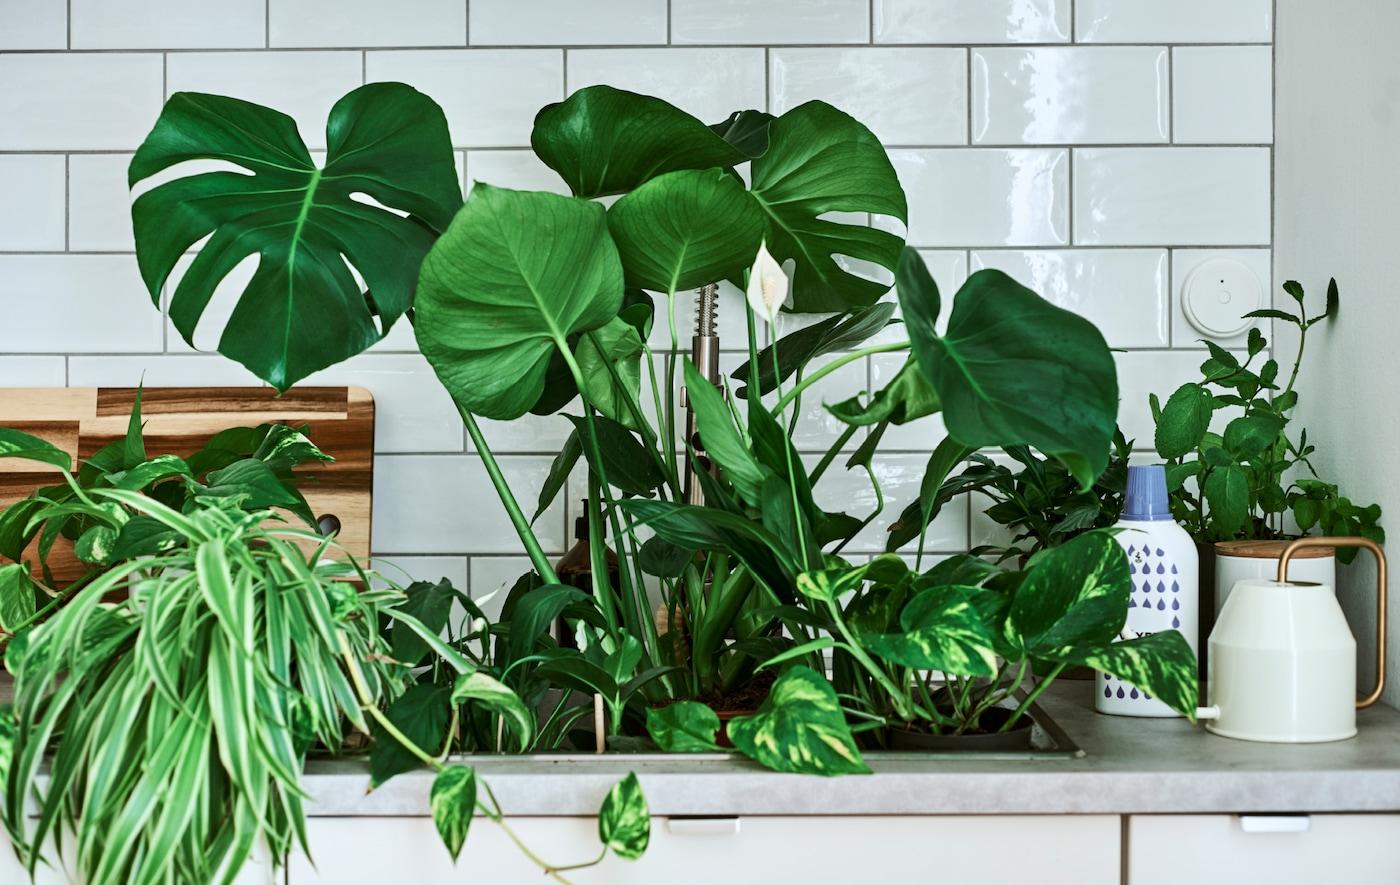 Des plantes d'intérieur, dont un Monstera et une fleur de lune, dans un évier; sur le plan de travail, un arrosoir à anse dorée et de l'engrais.